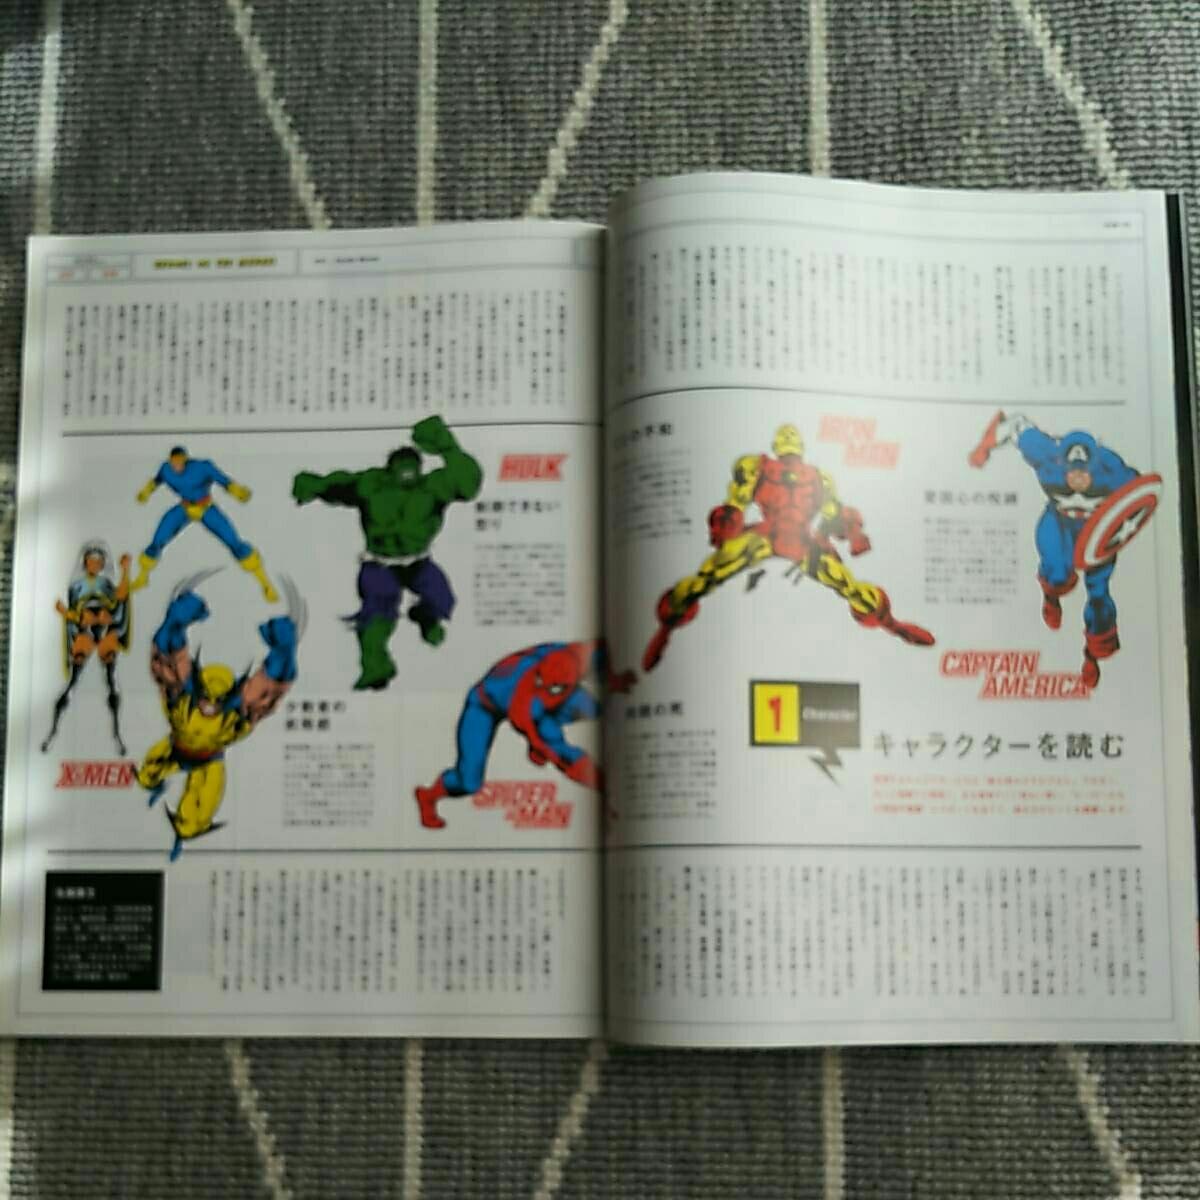 BRUTUS HEROES アメコミ アベンジャーズ MARVEL スパイダーマン キャプテンアメリカ アイアンマン ハルク ヴェノム スタンリー マーベル_画像3